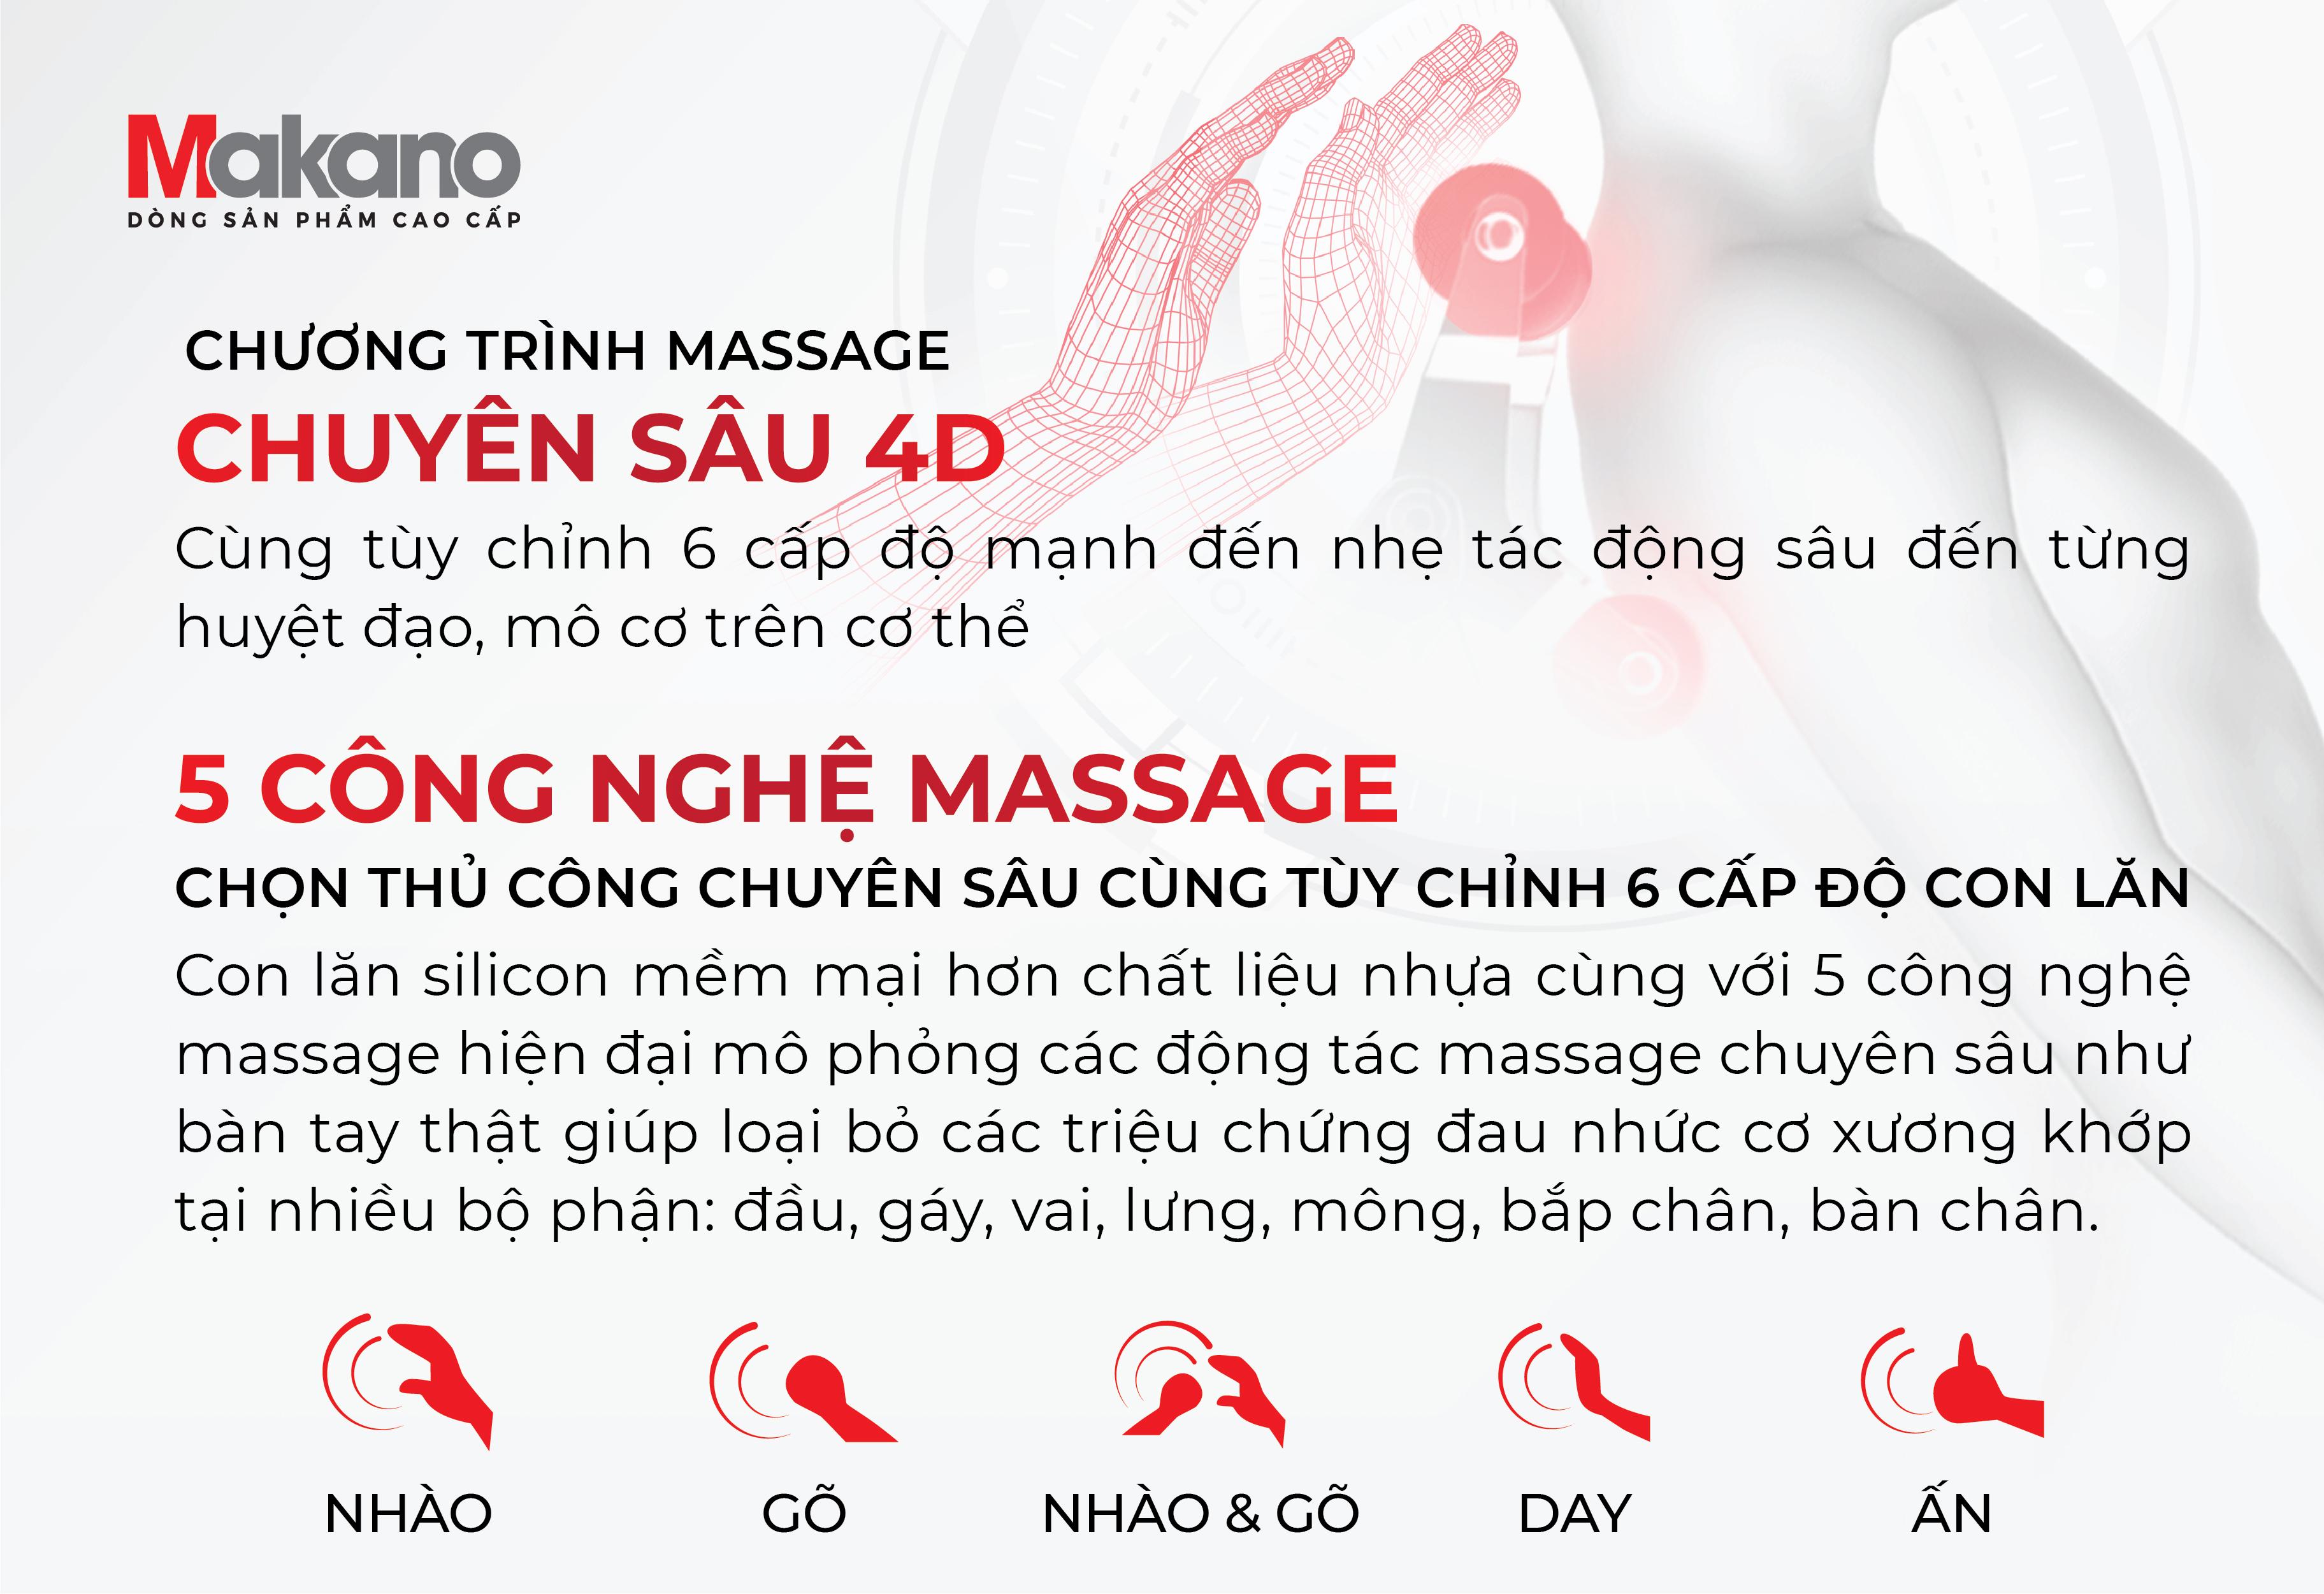 Công nghệ massage chọn thủ công - ghế massage Makano MKGM-30002